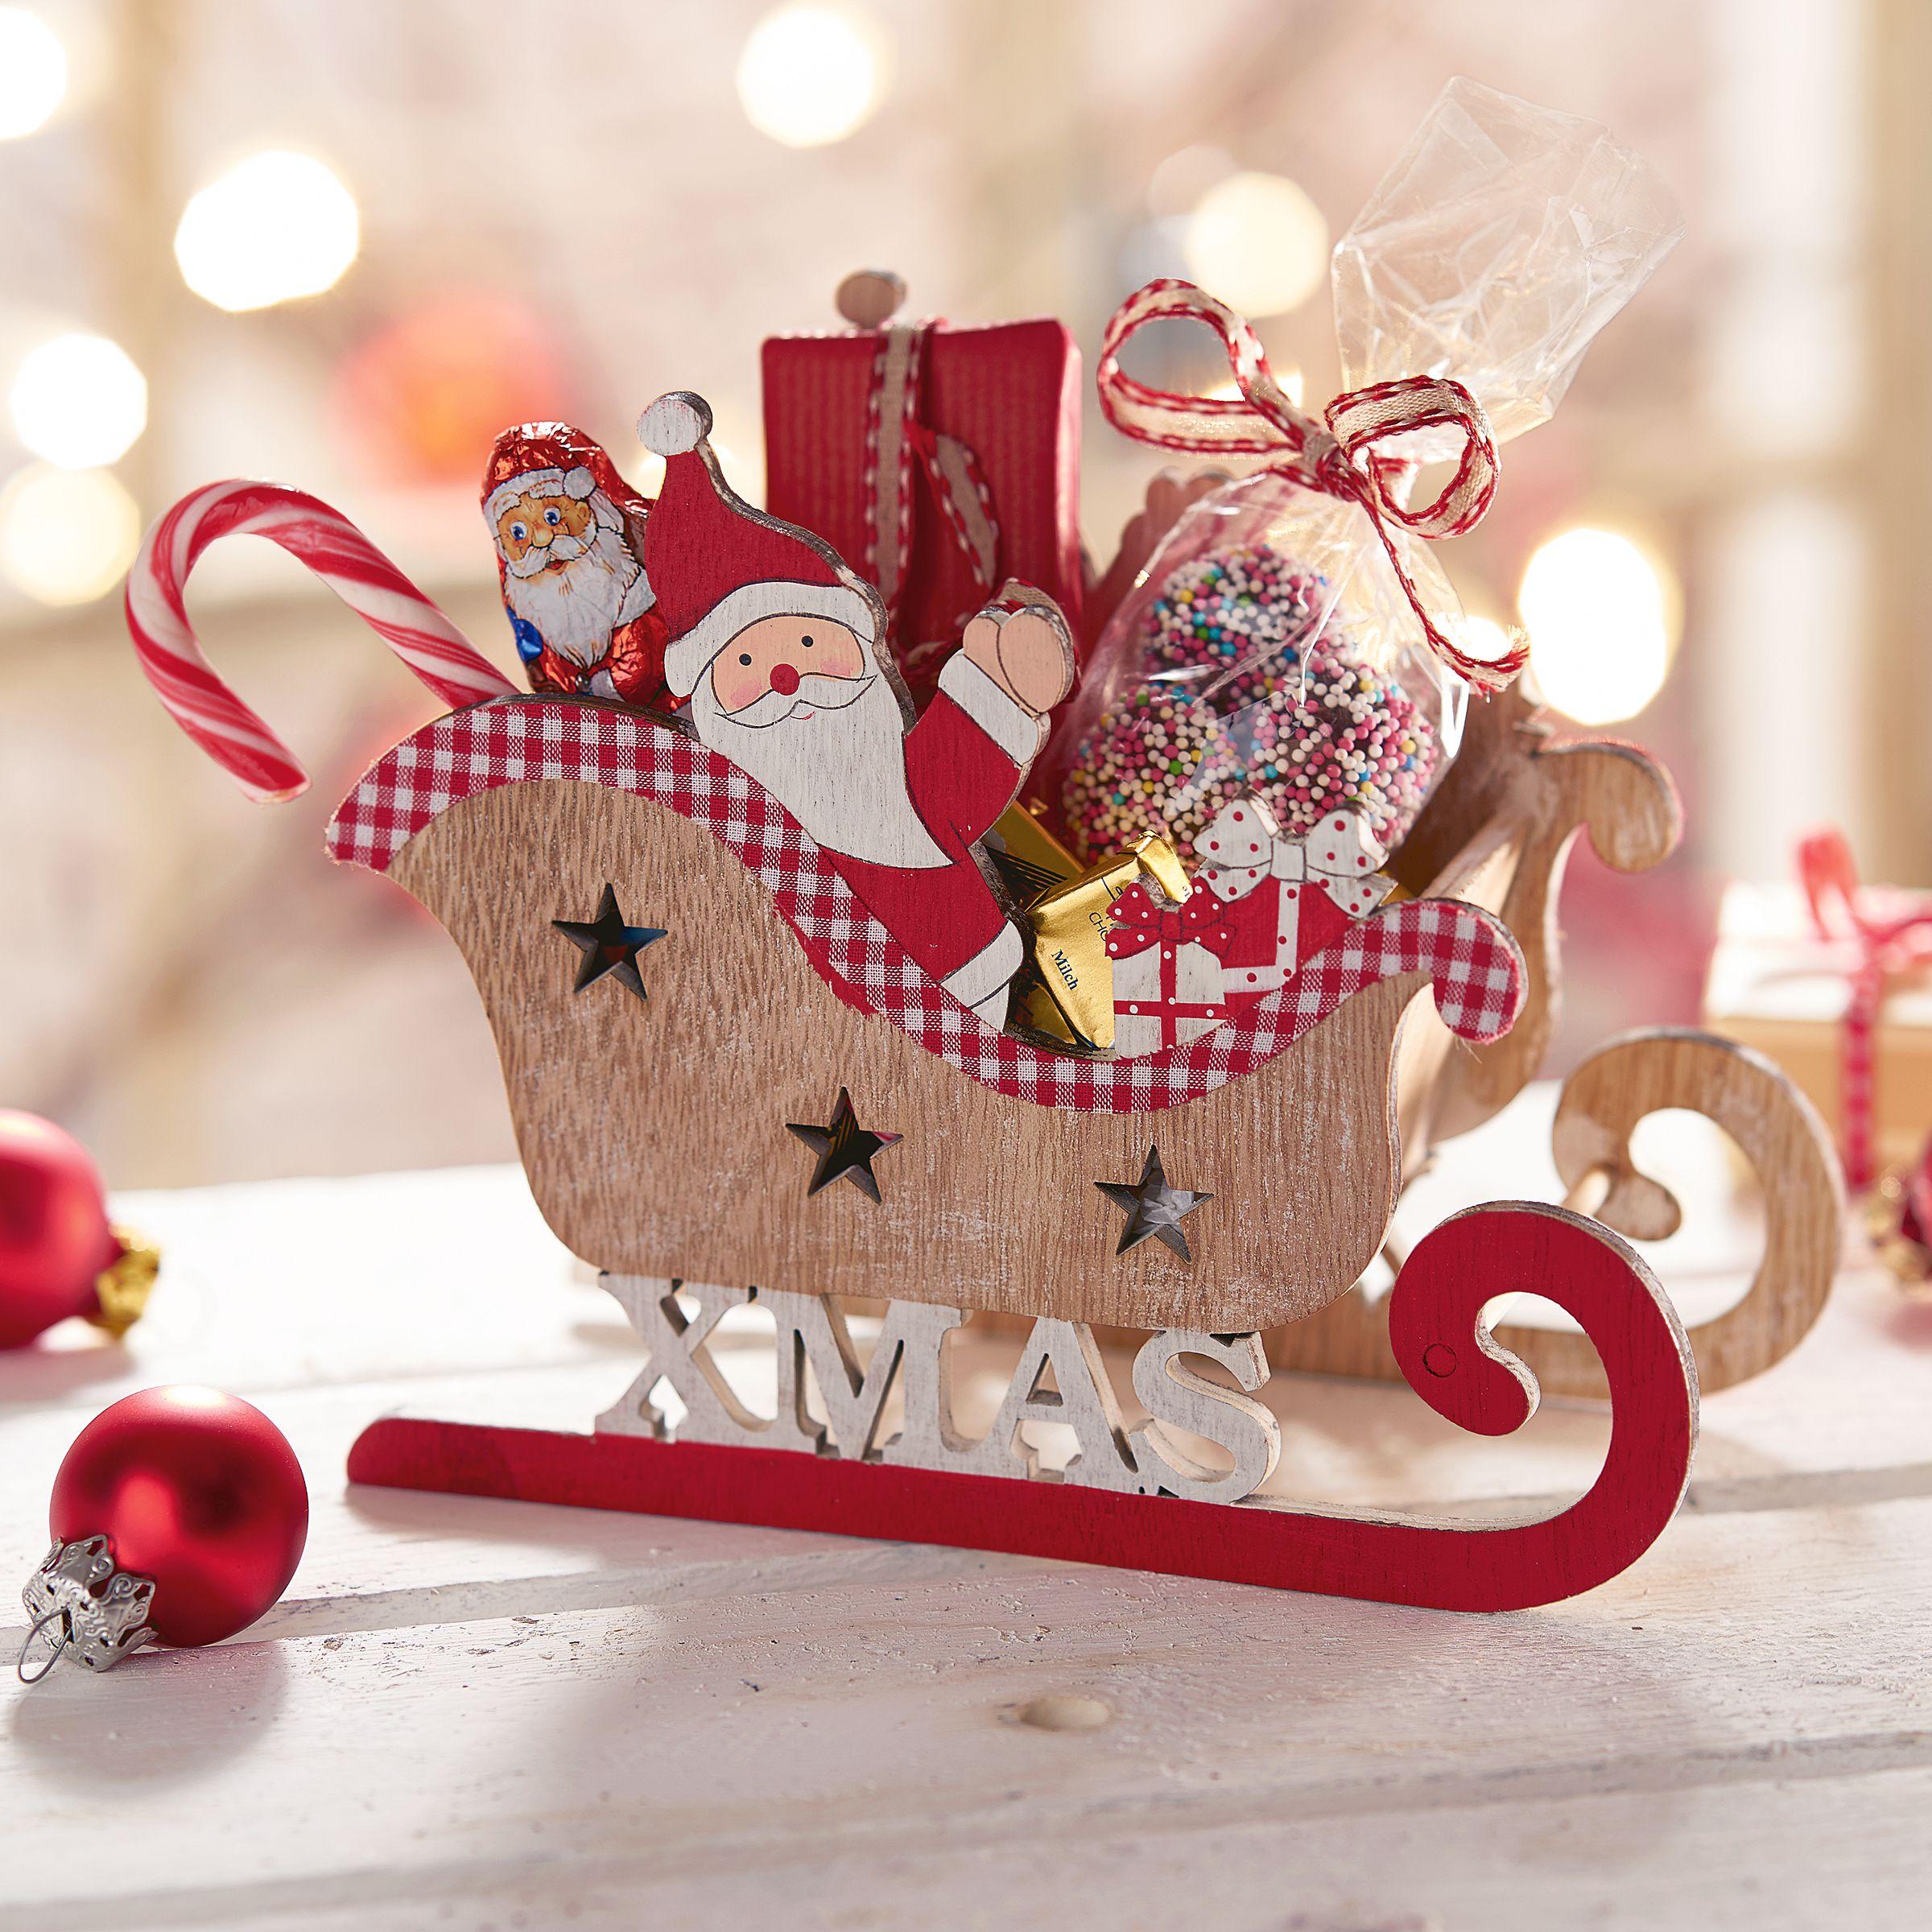 Deko-Objekt Weihnachtsschlitten Santa - einfach-geschenke-finden.de